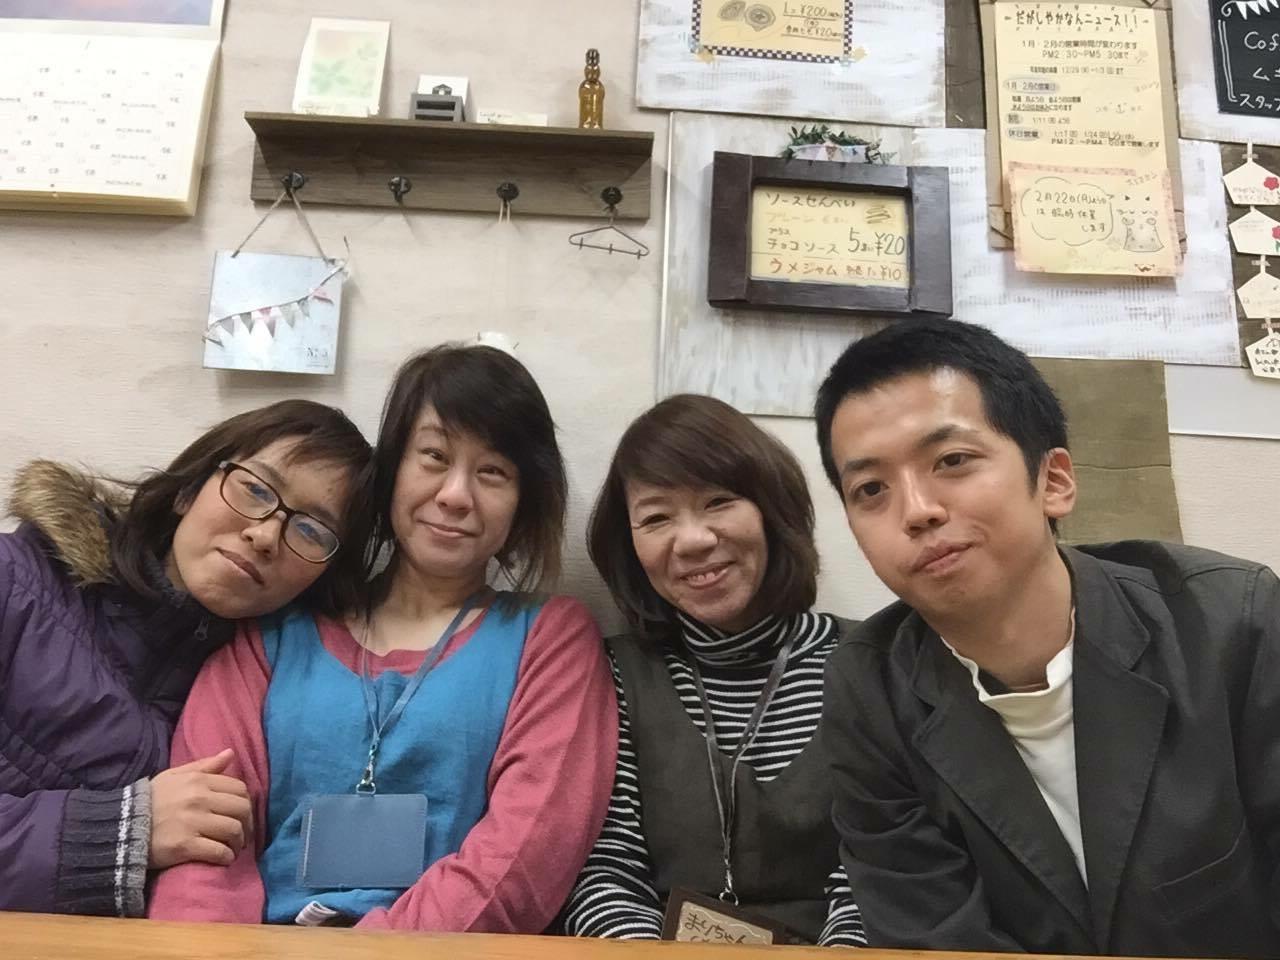 かなん ブログ 1.11 4